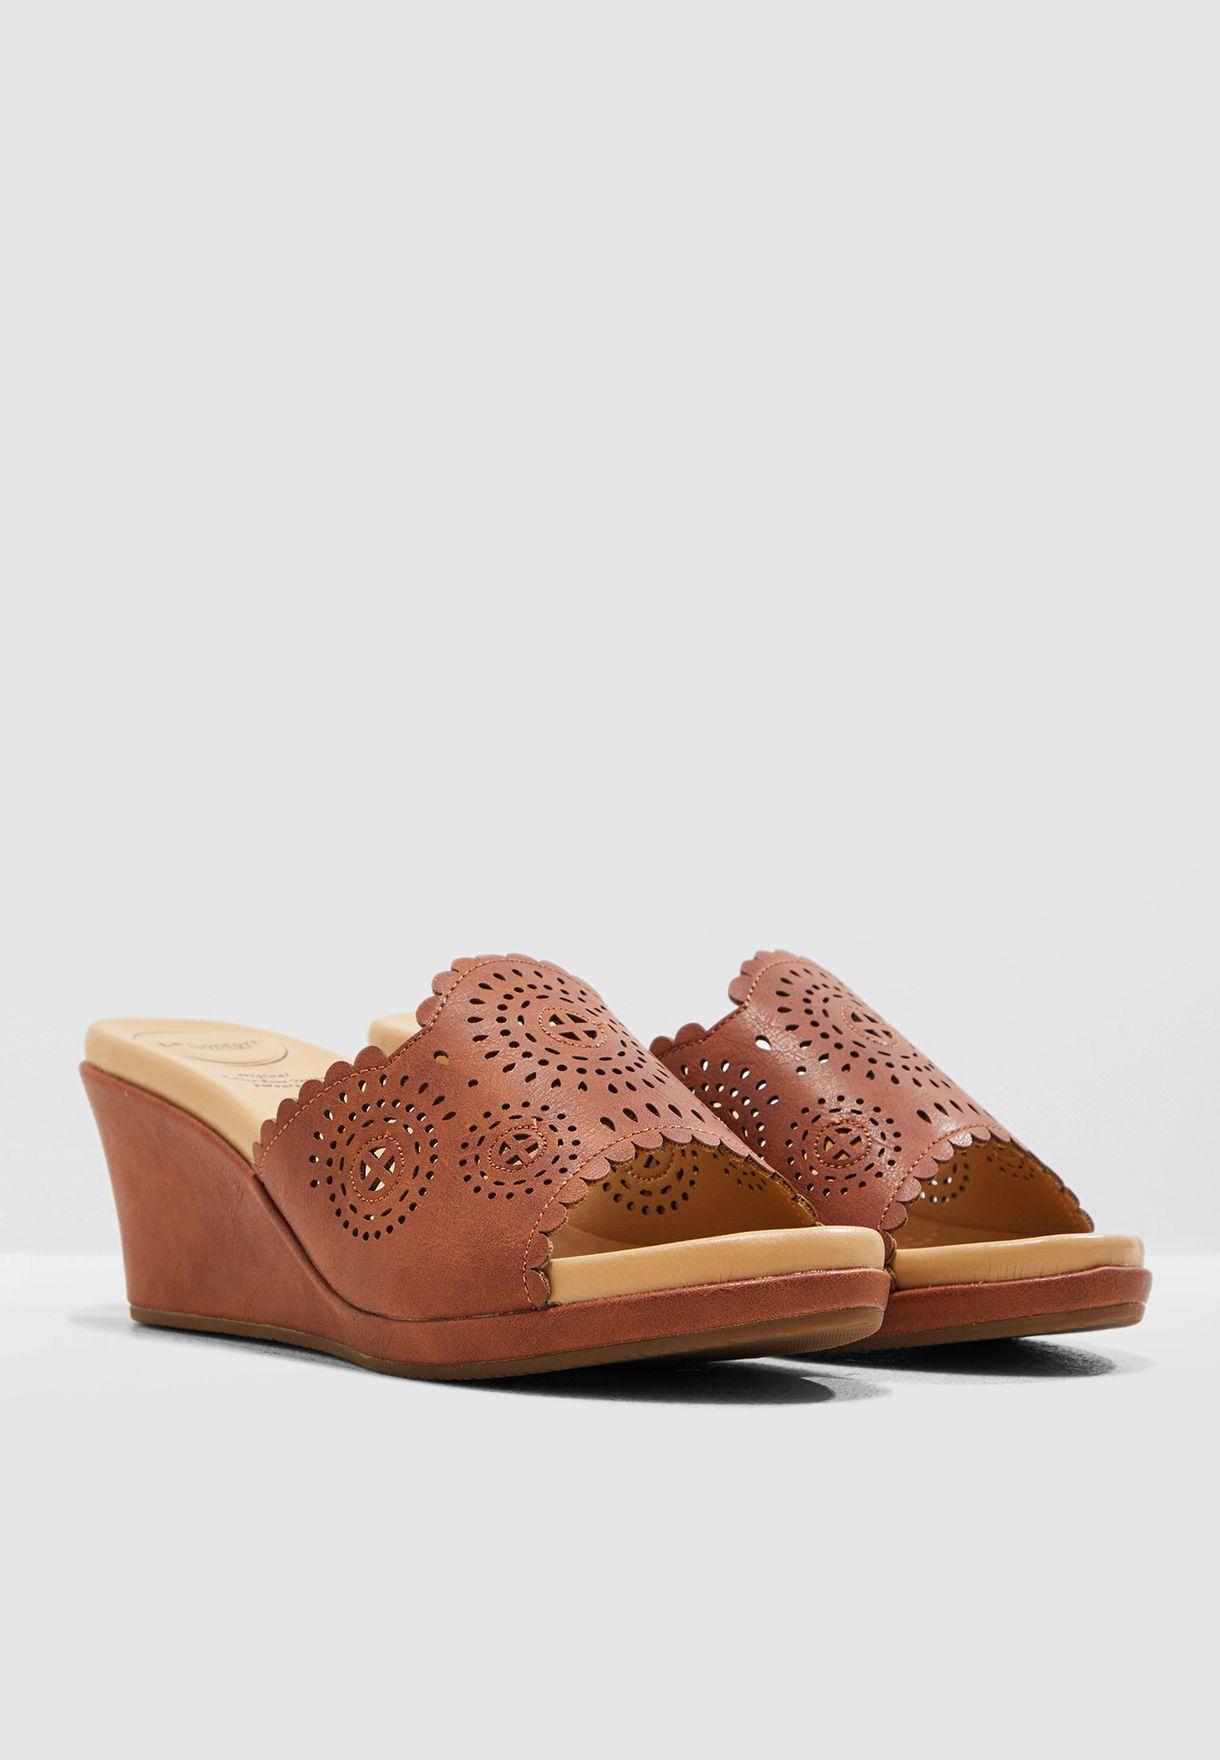 Printed Wedge Sandal